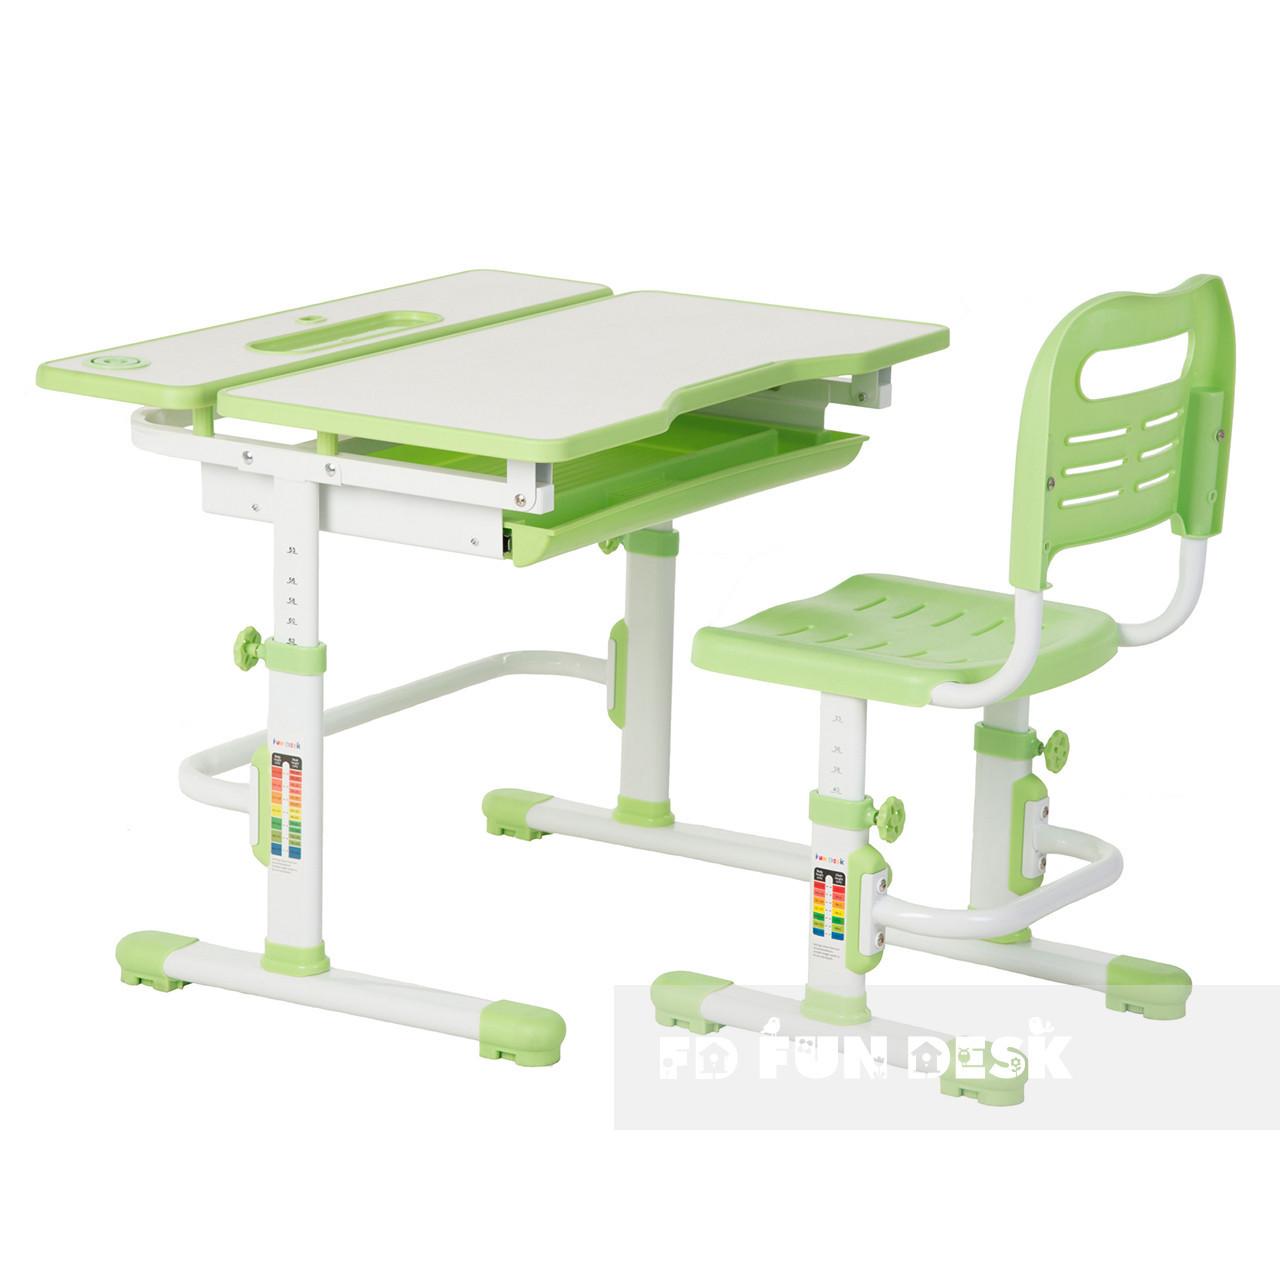 Растущая парта + стульчик для школьника Fundesk Lavoro Green - ОПТОМ ДЛЯ ШКОЛ